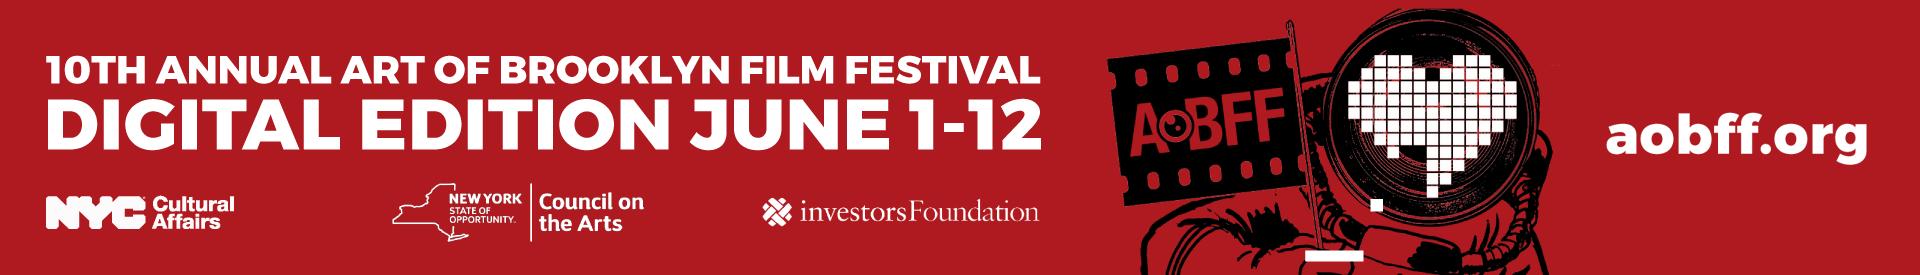 10th Annual Art of Brooklyn Film Festival: 2020 Digital Edition